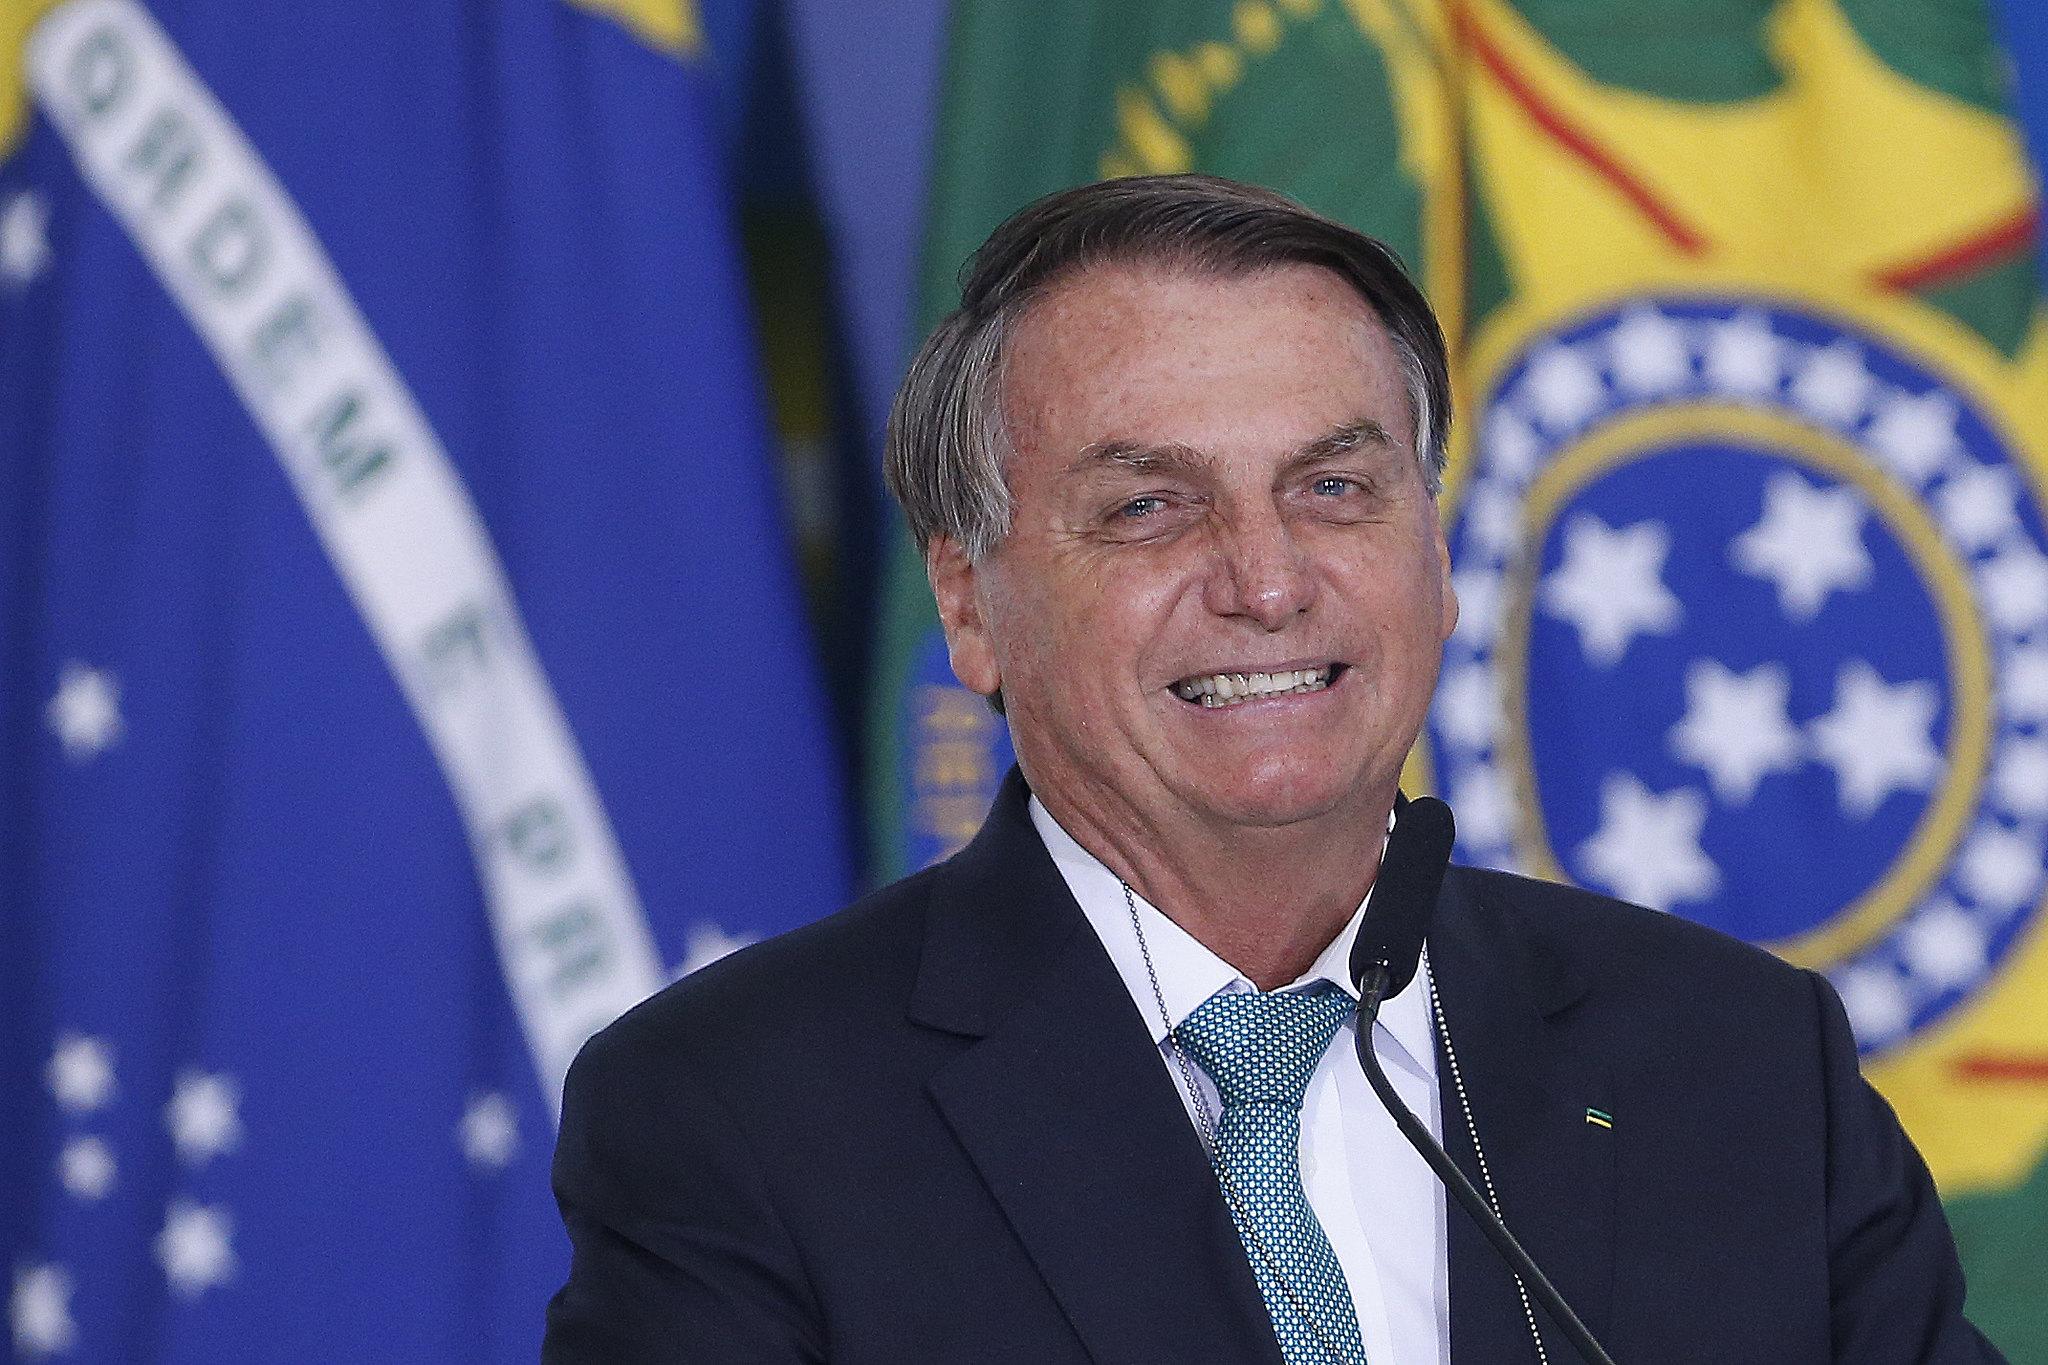 IMAGEM: Bolsonaro diz que se sentia como Elvis Presley ou Michael Jackson em campanha eleitoral